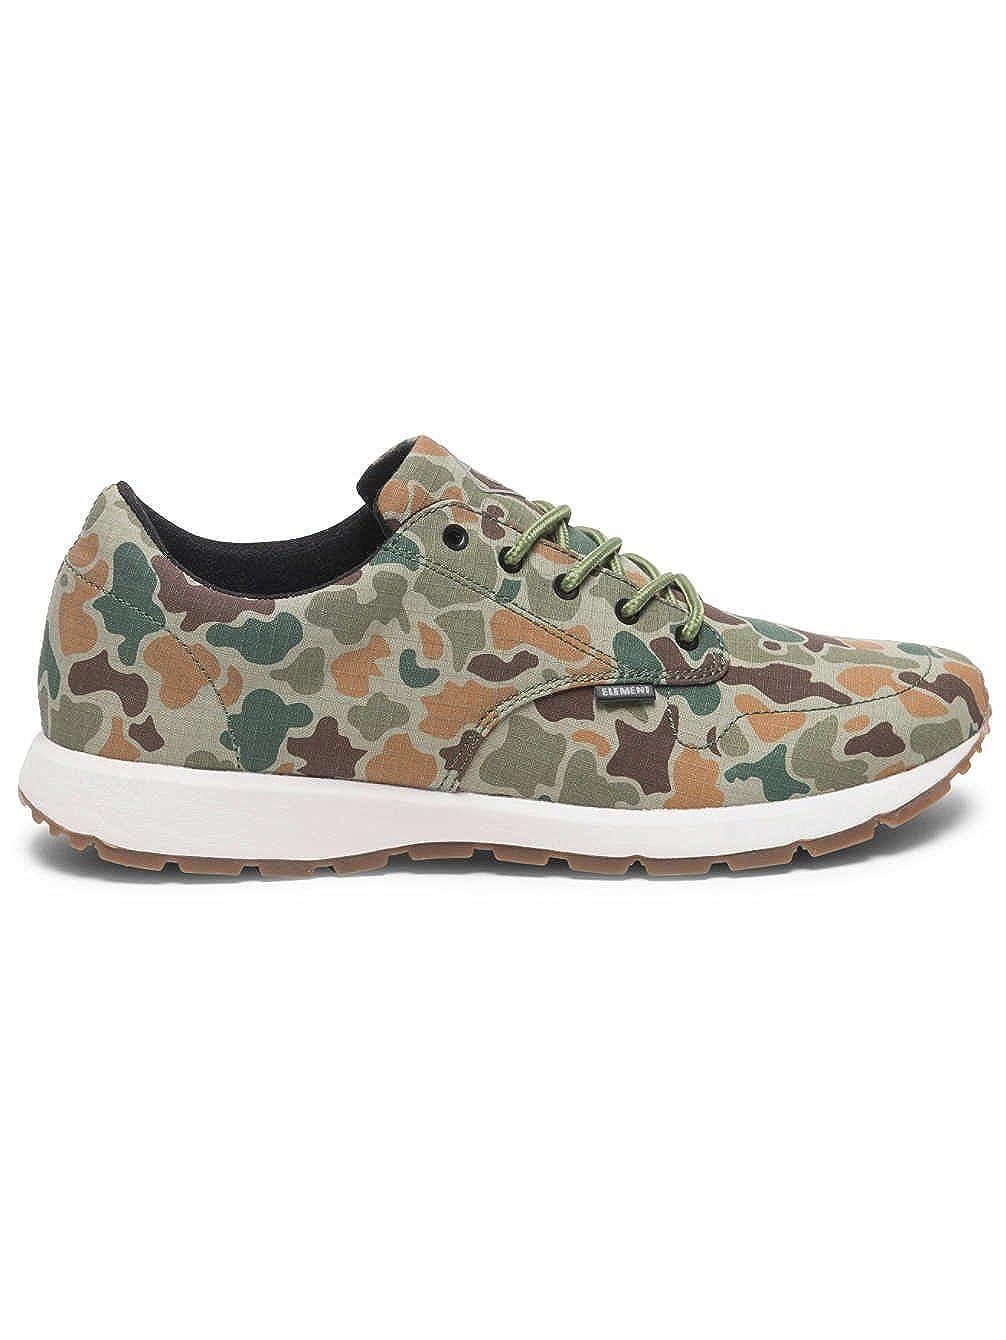 Élément - Élément Chaussures De Trail Topaze Camo Taille De L'homme De Couleur: 46 vente discount sortie approvisionnement en vente Livraison gratuite rabais vente boutique EmTCw1pFoC